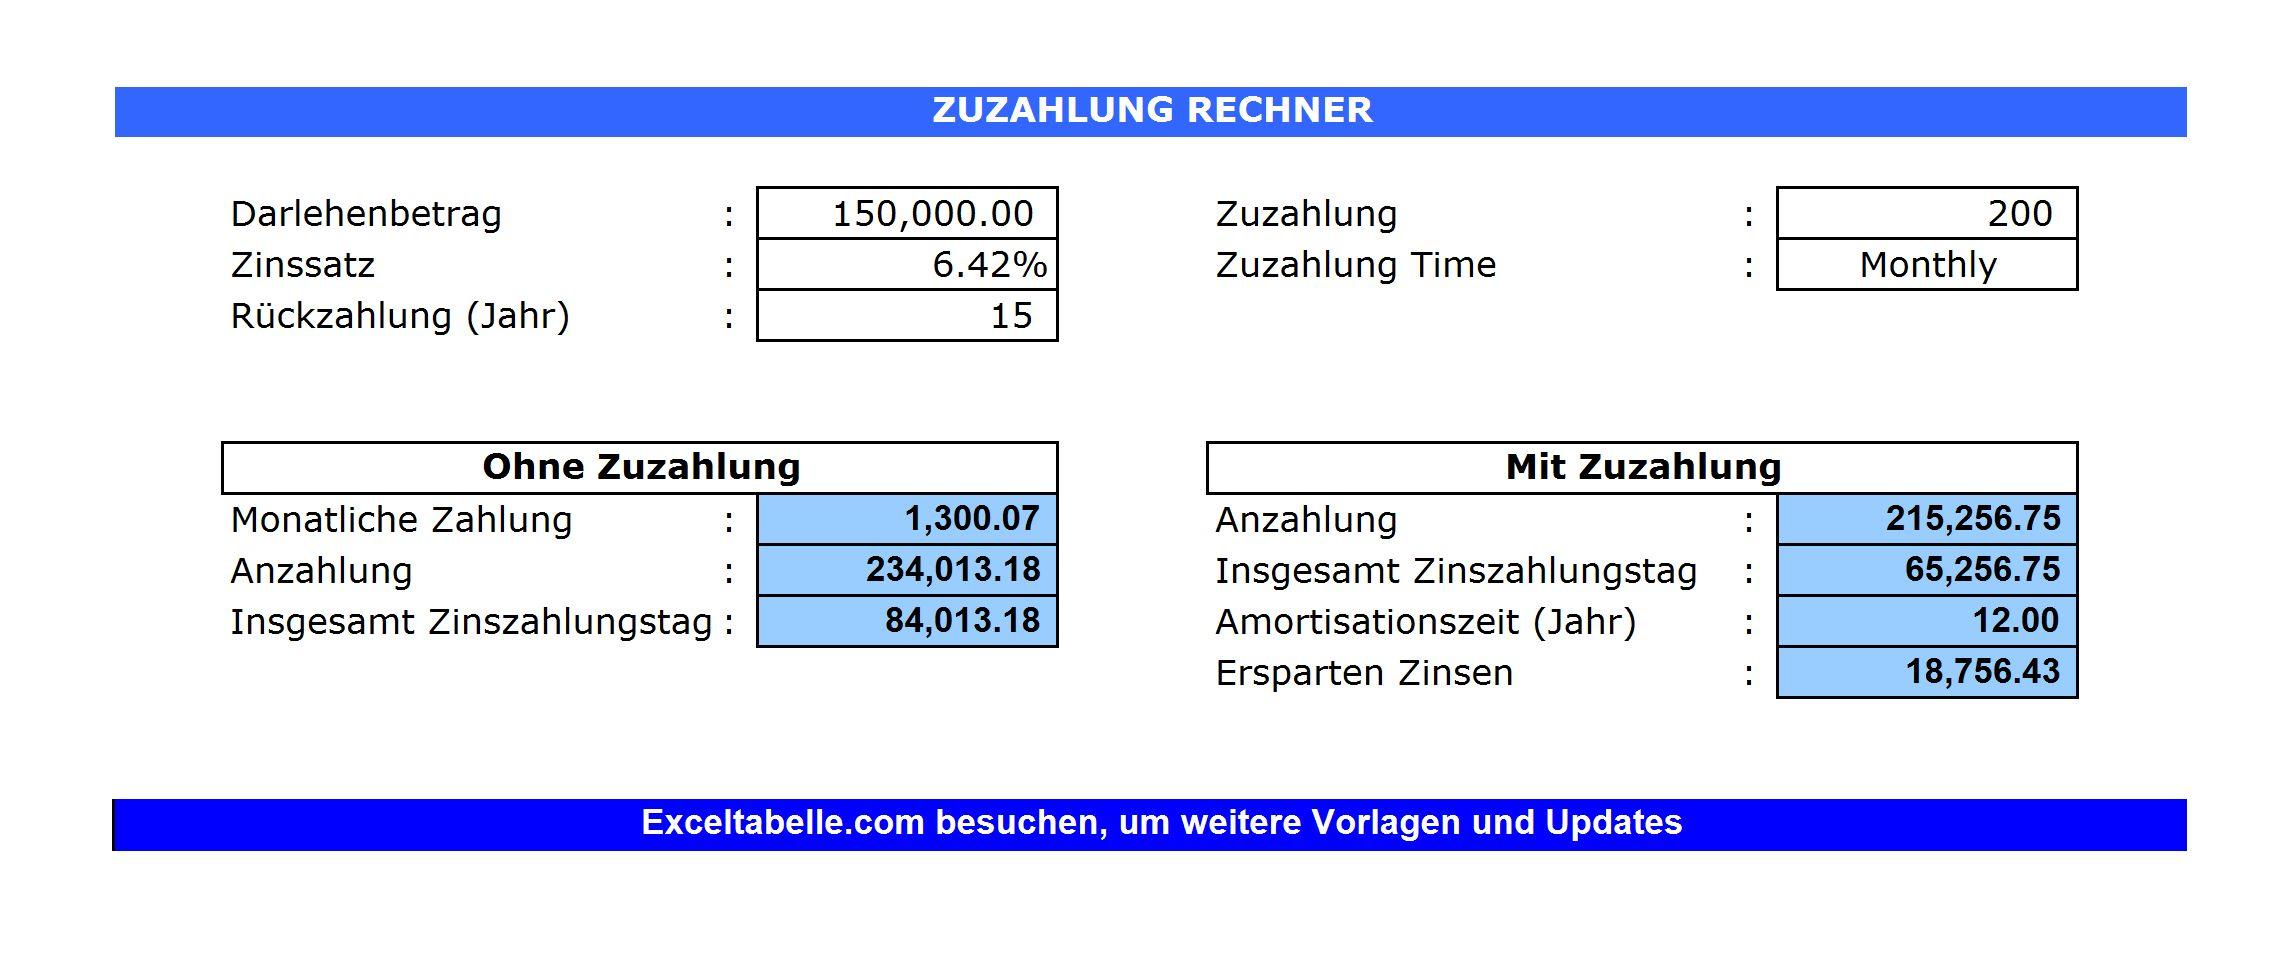 Zuzahlungsrechner | Excel-Tabelle